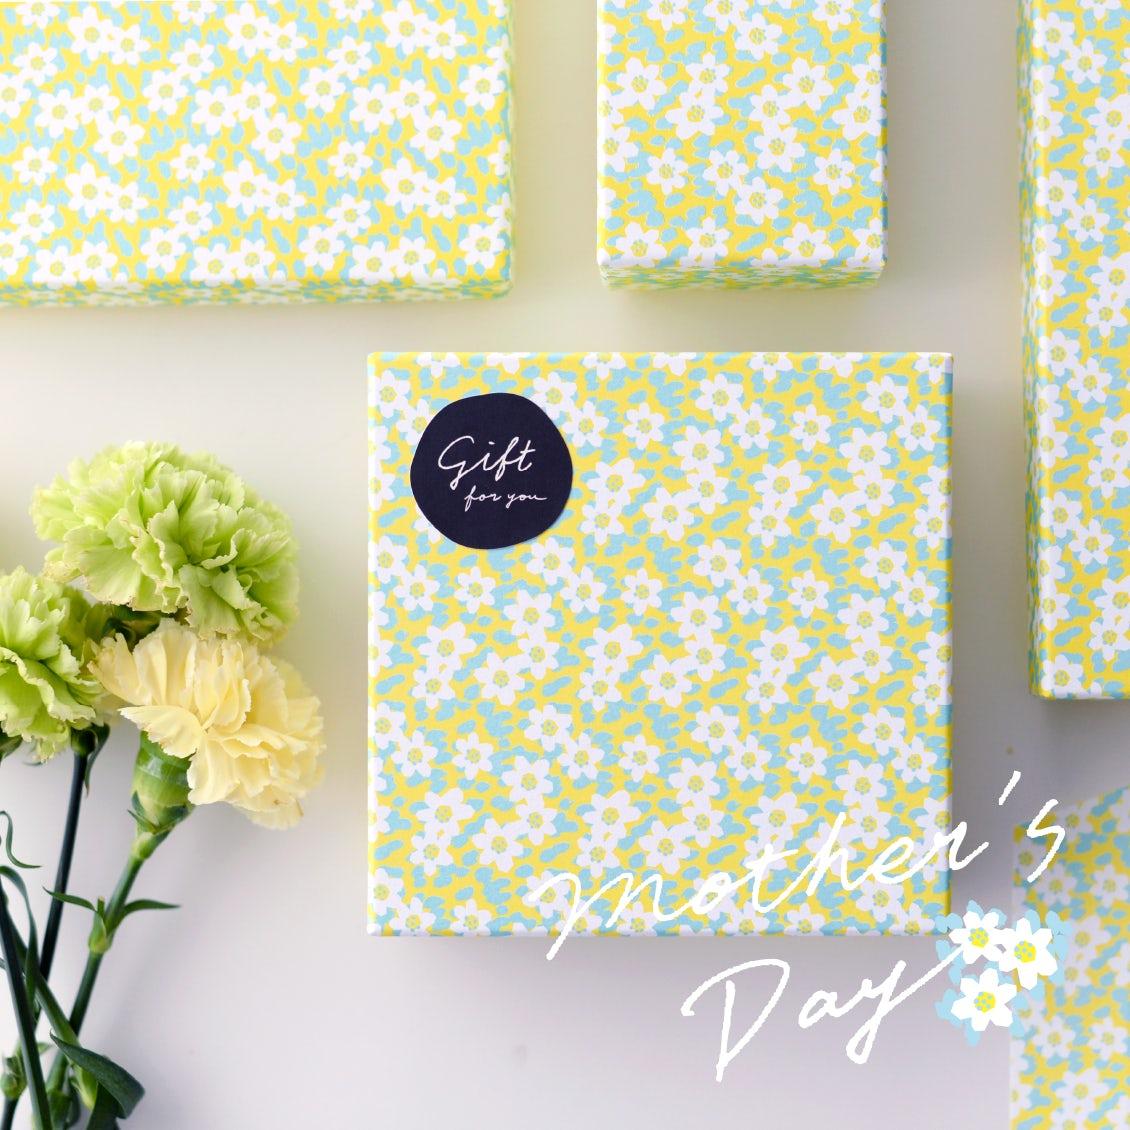 【特別企画】とびきりかわいいボックスで贈ろう♪「母の日限定ギフト」が5種類になって今年も登場です。